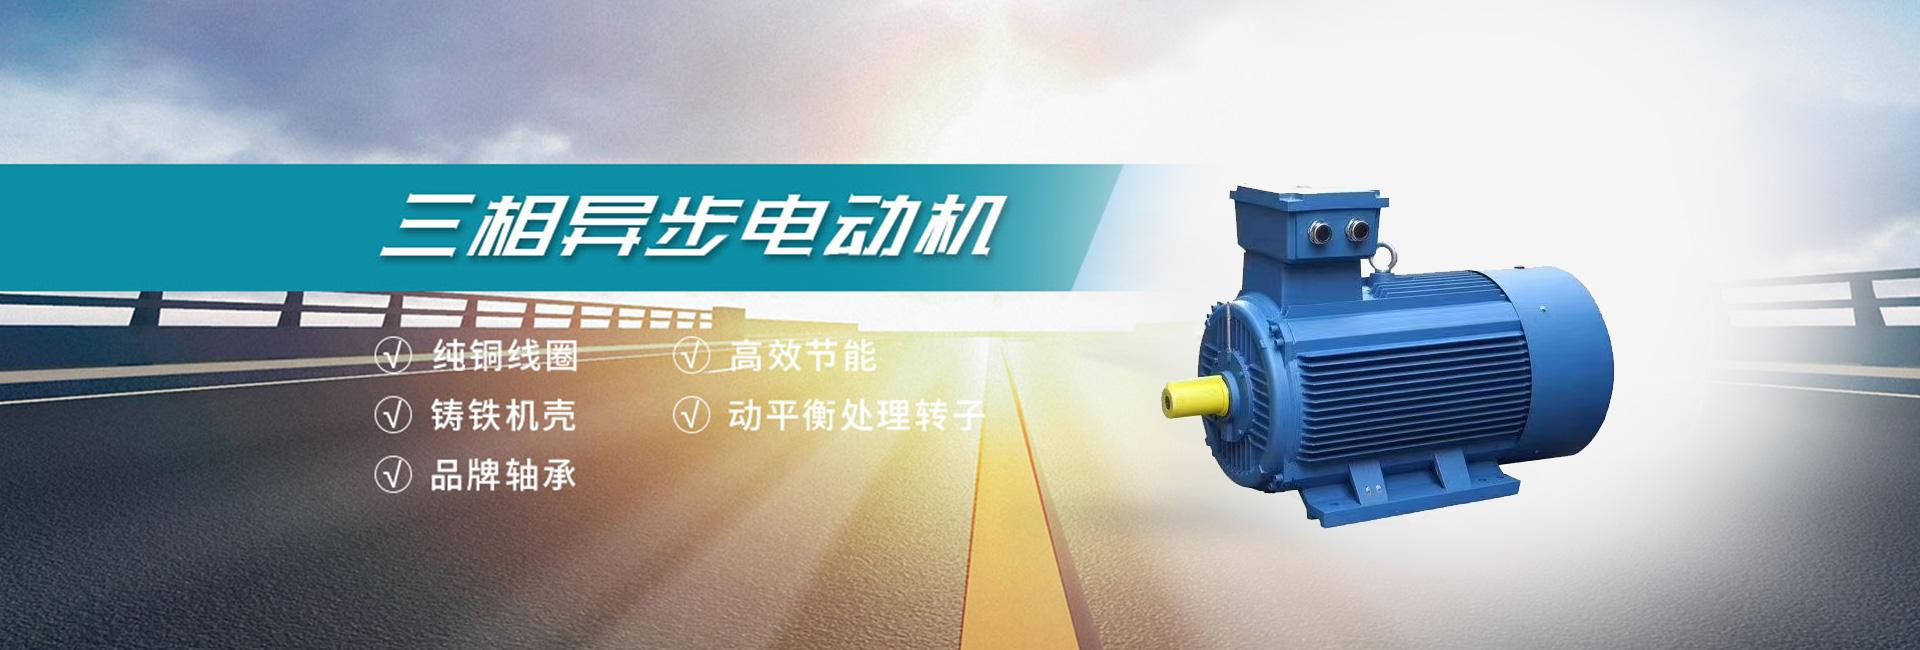 河南电机厂